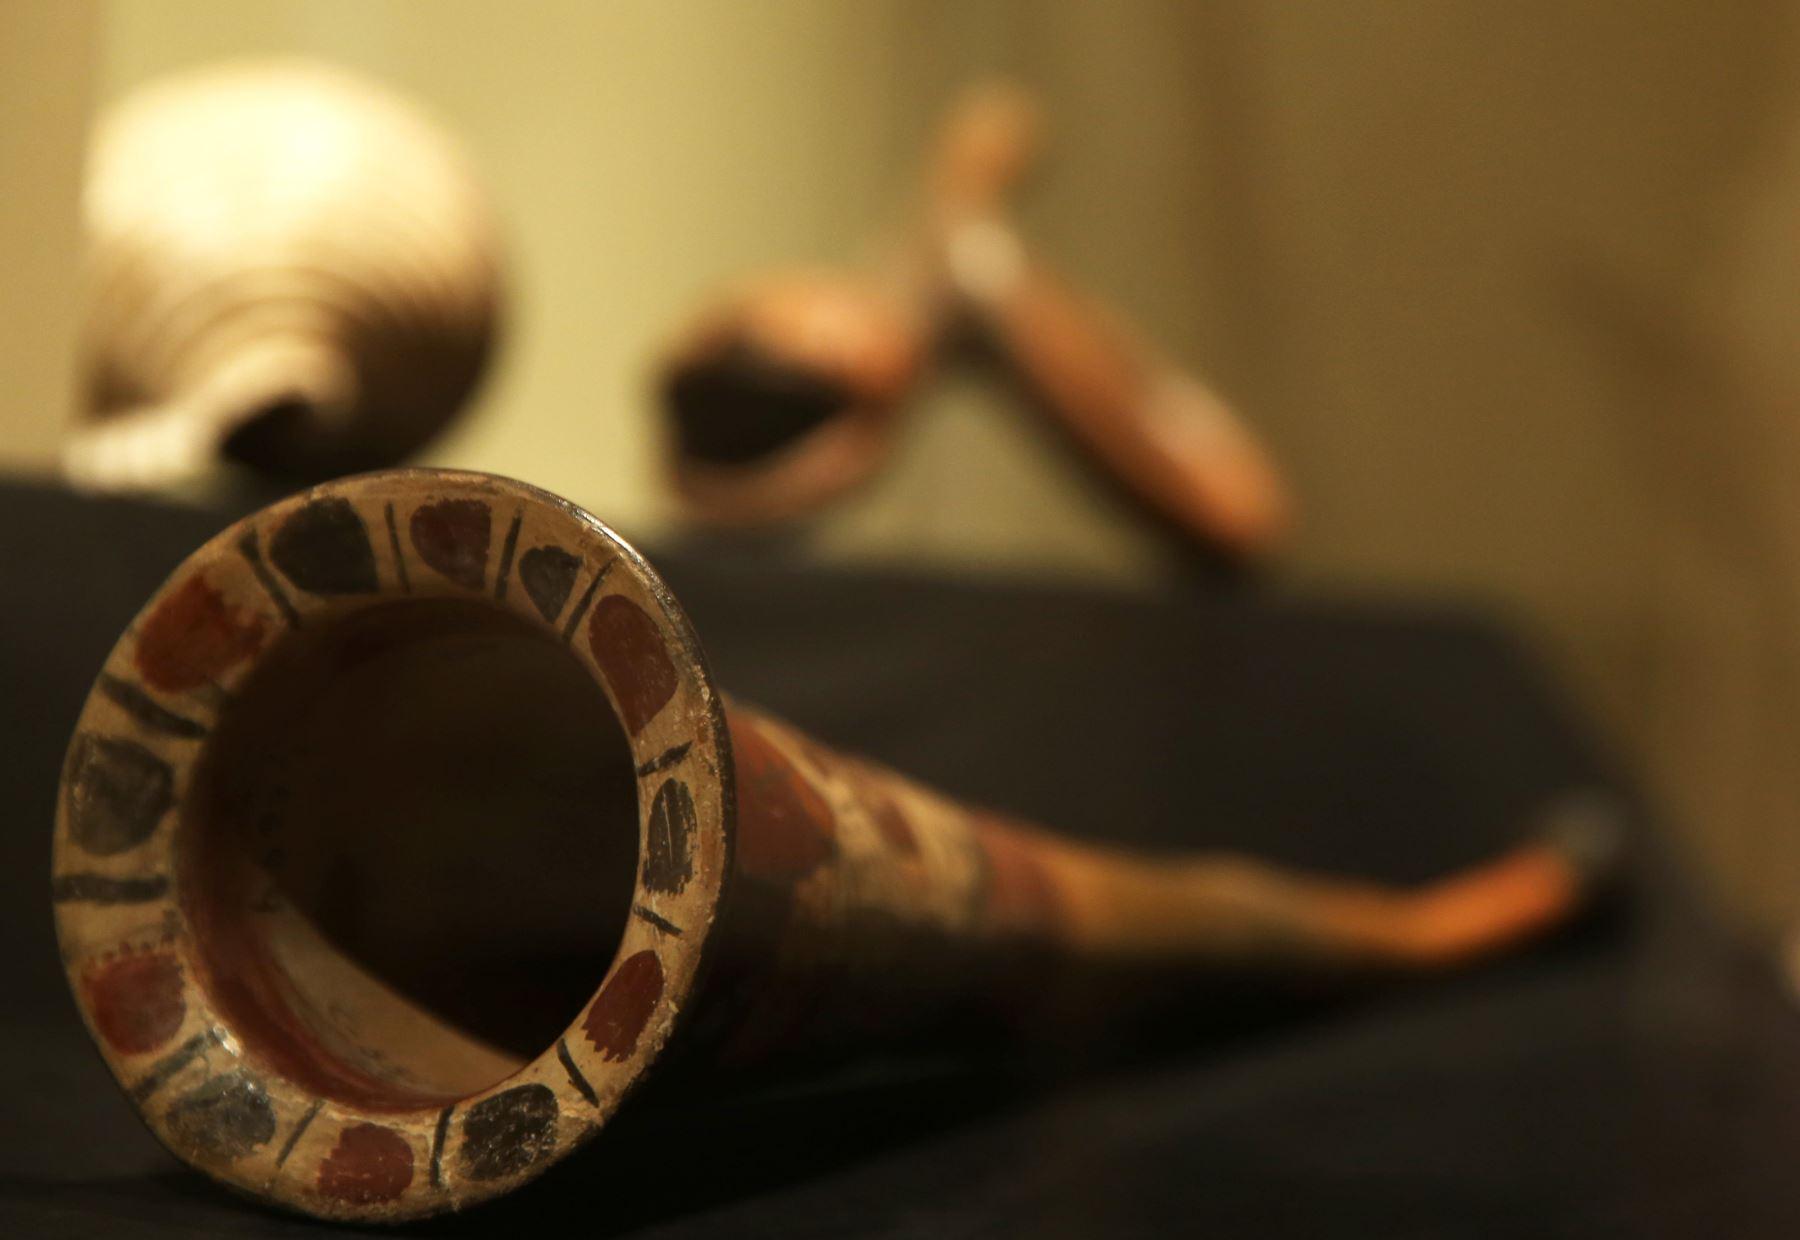 Instrumento precolombino de viento parecido a una corneta, parte de la exposición de la muestra Sonidos del Ande. Foto: EFE